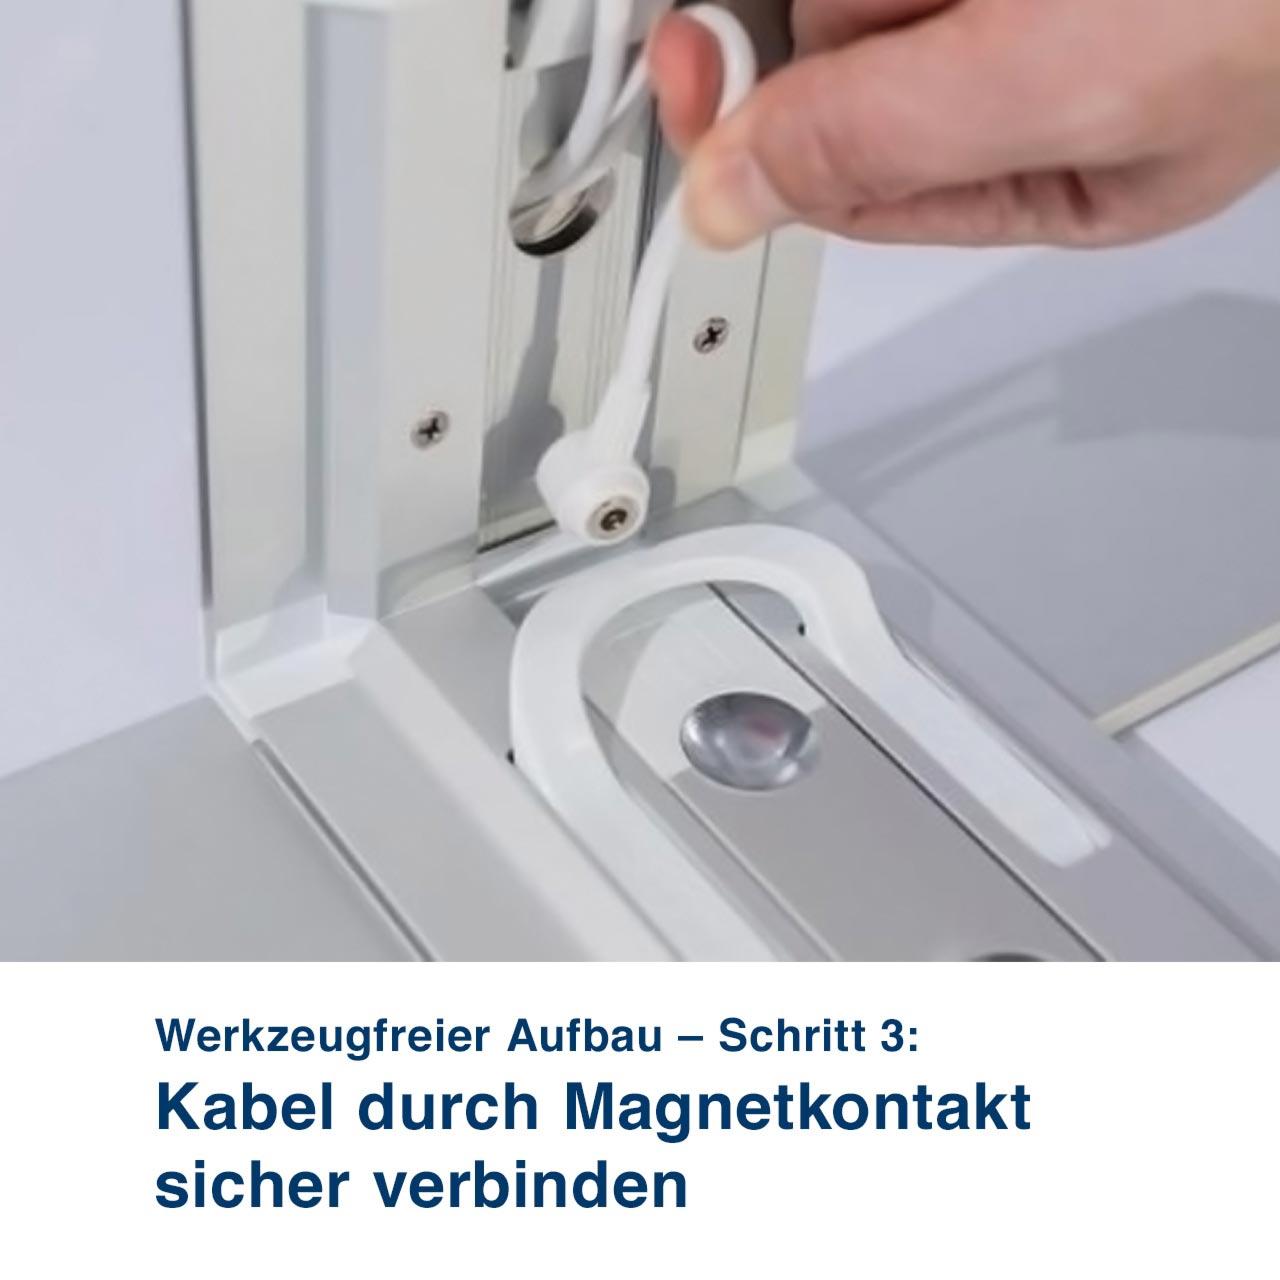 Mobile Light Box – Werkzeugfreier Aufbau – Schritt 3:  Kabel durch Magnetkontakt sicher verbinden